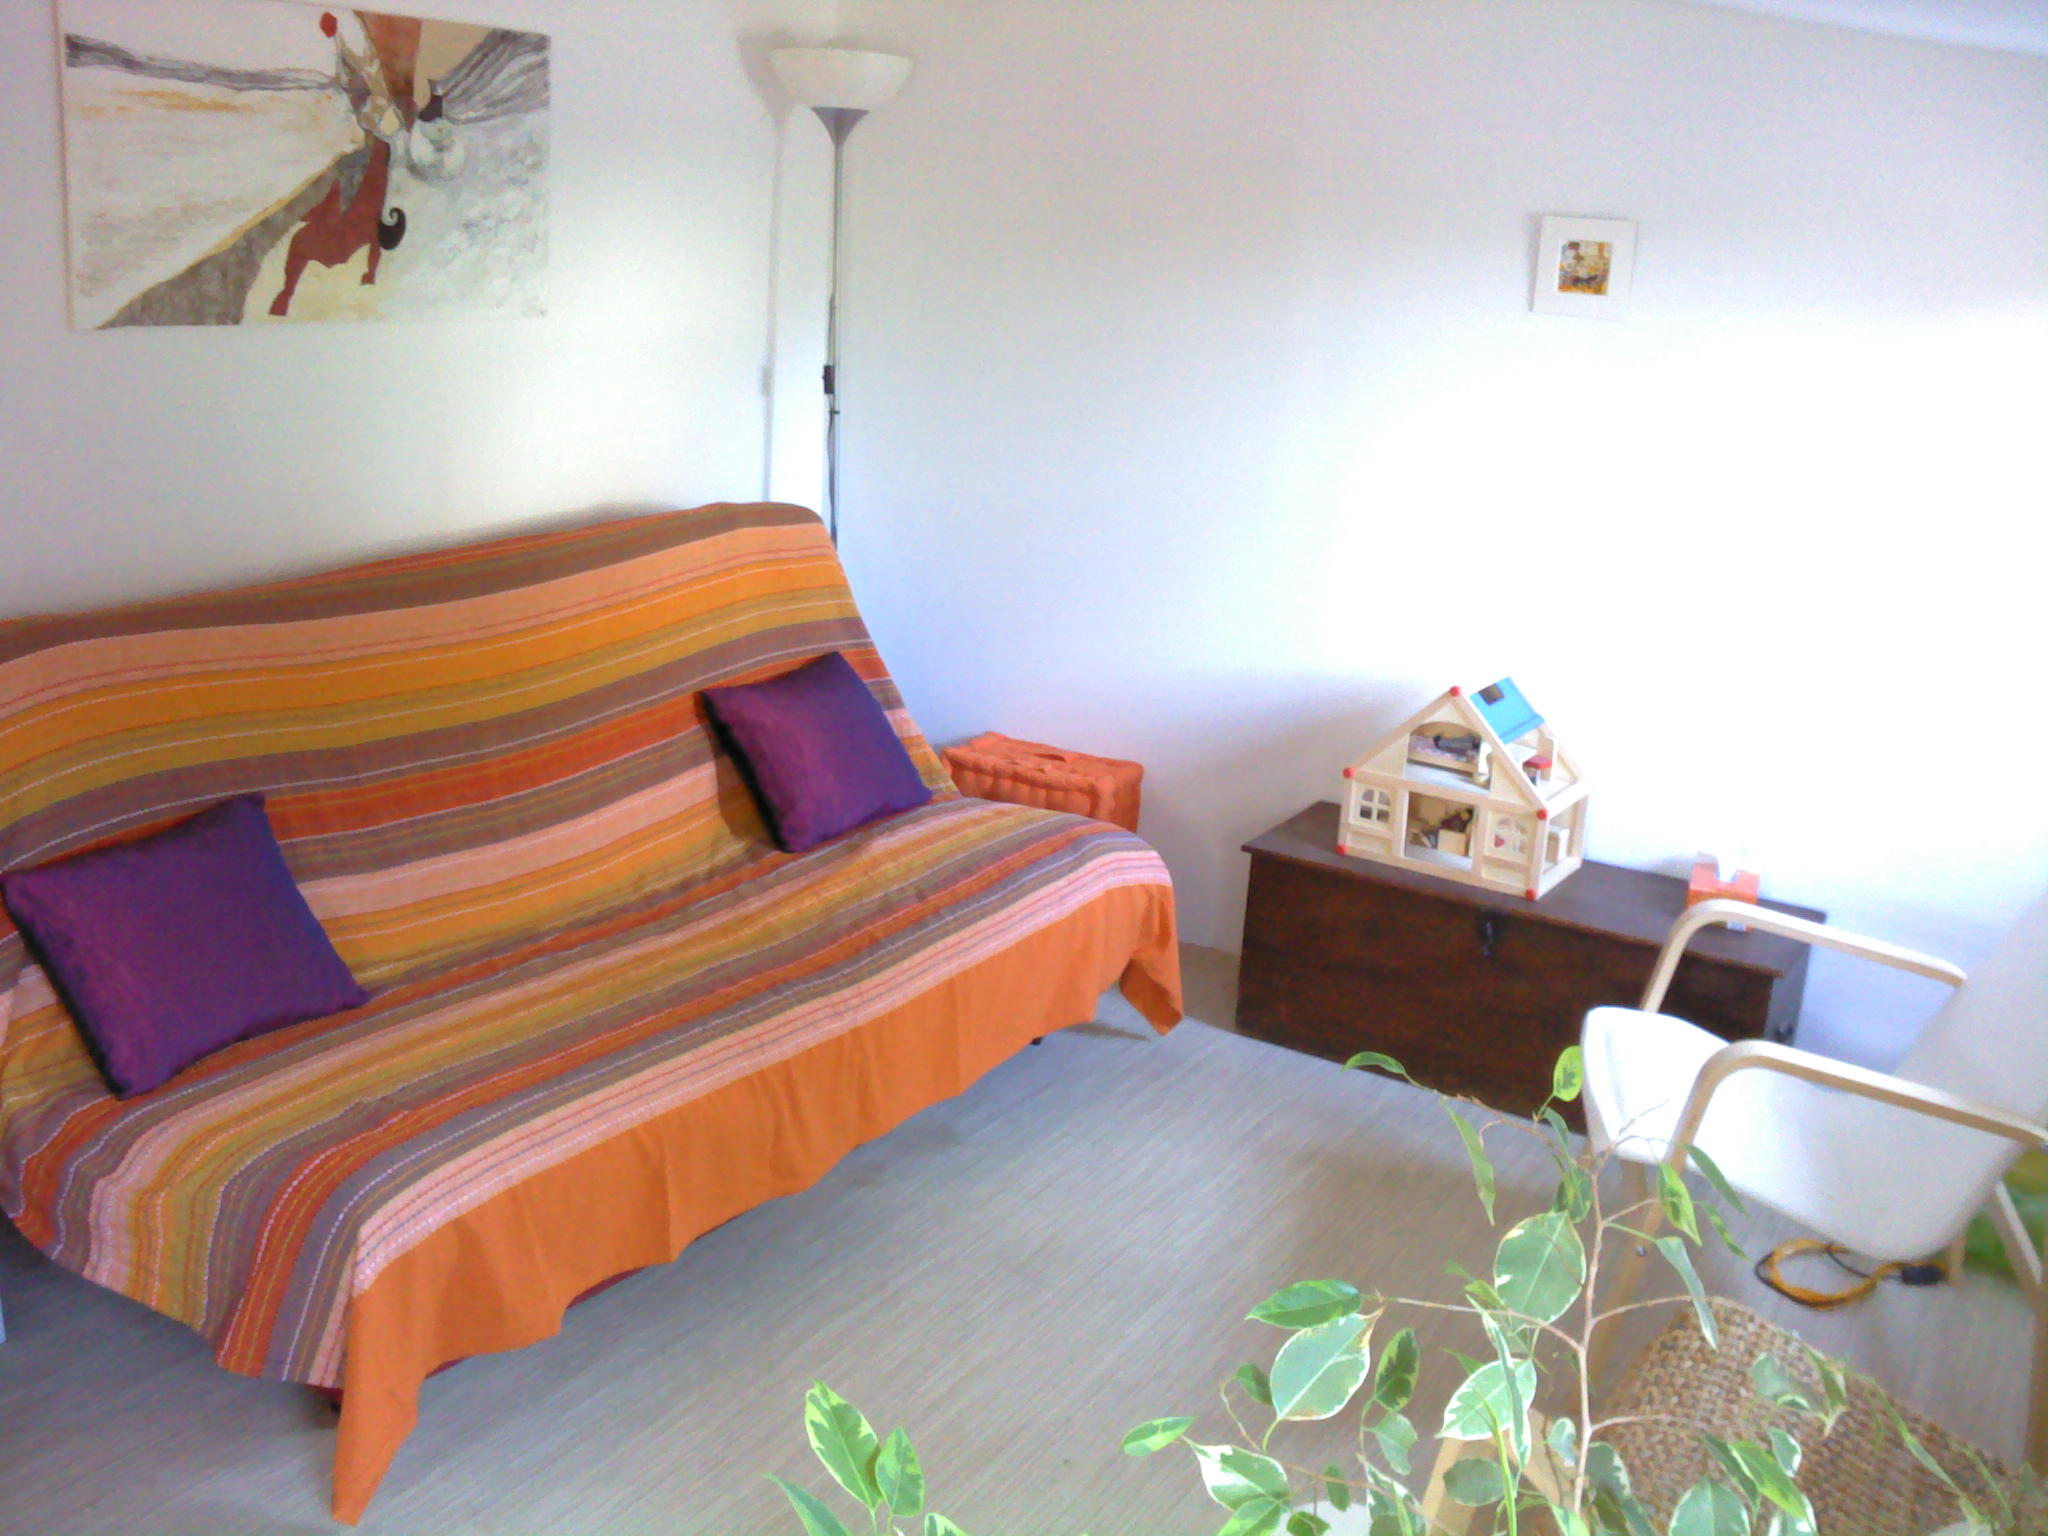 pnl psychologie th rapie d veloppement personnel psychopraticien. Black Bedroom Furniture Sets. Home Design Ideas